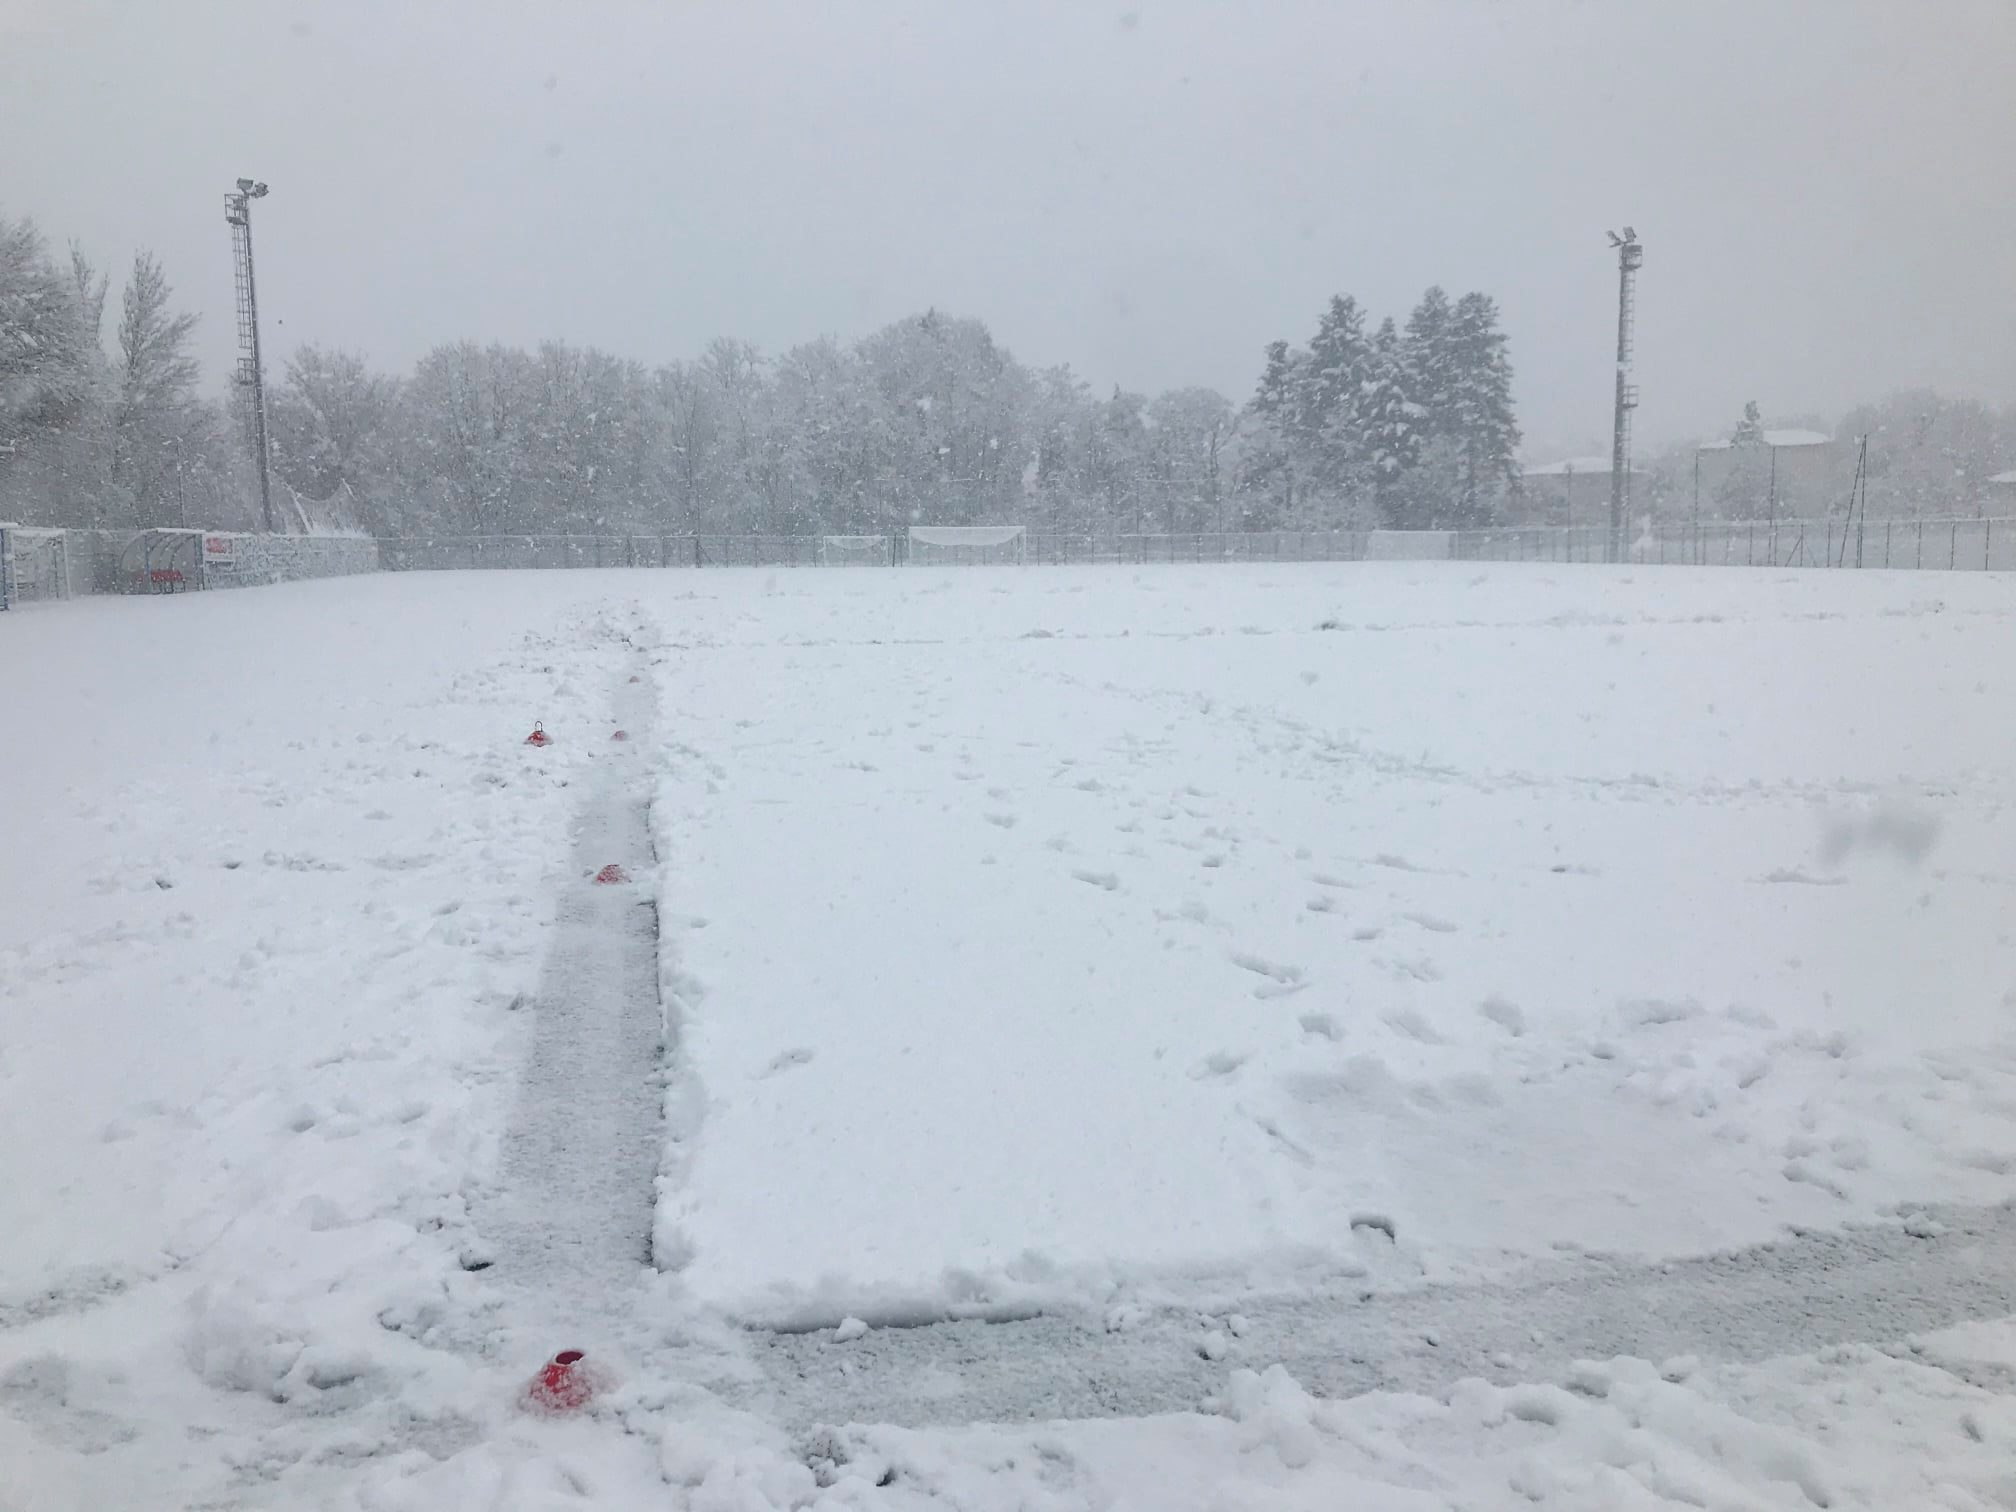 Varese e il Varese bloccati dalla neve: rinviato a mercoledì prossimo il match di Casale